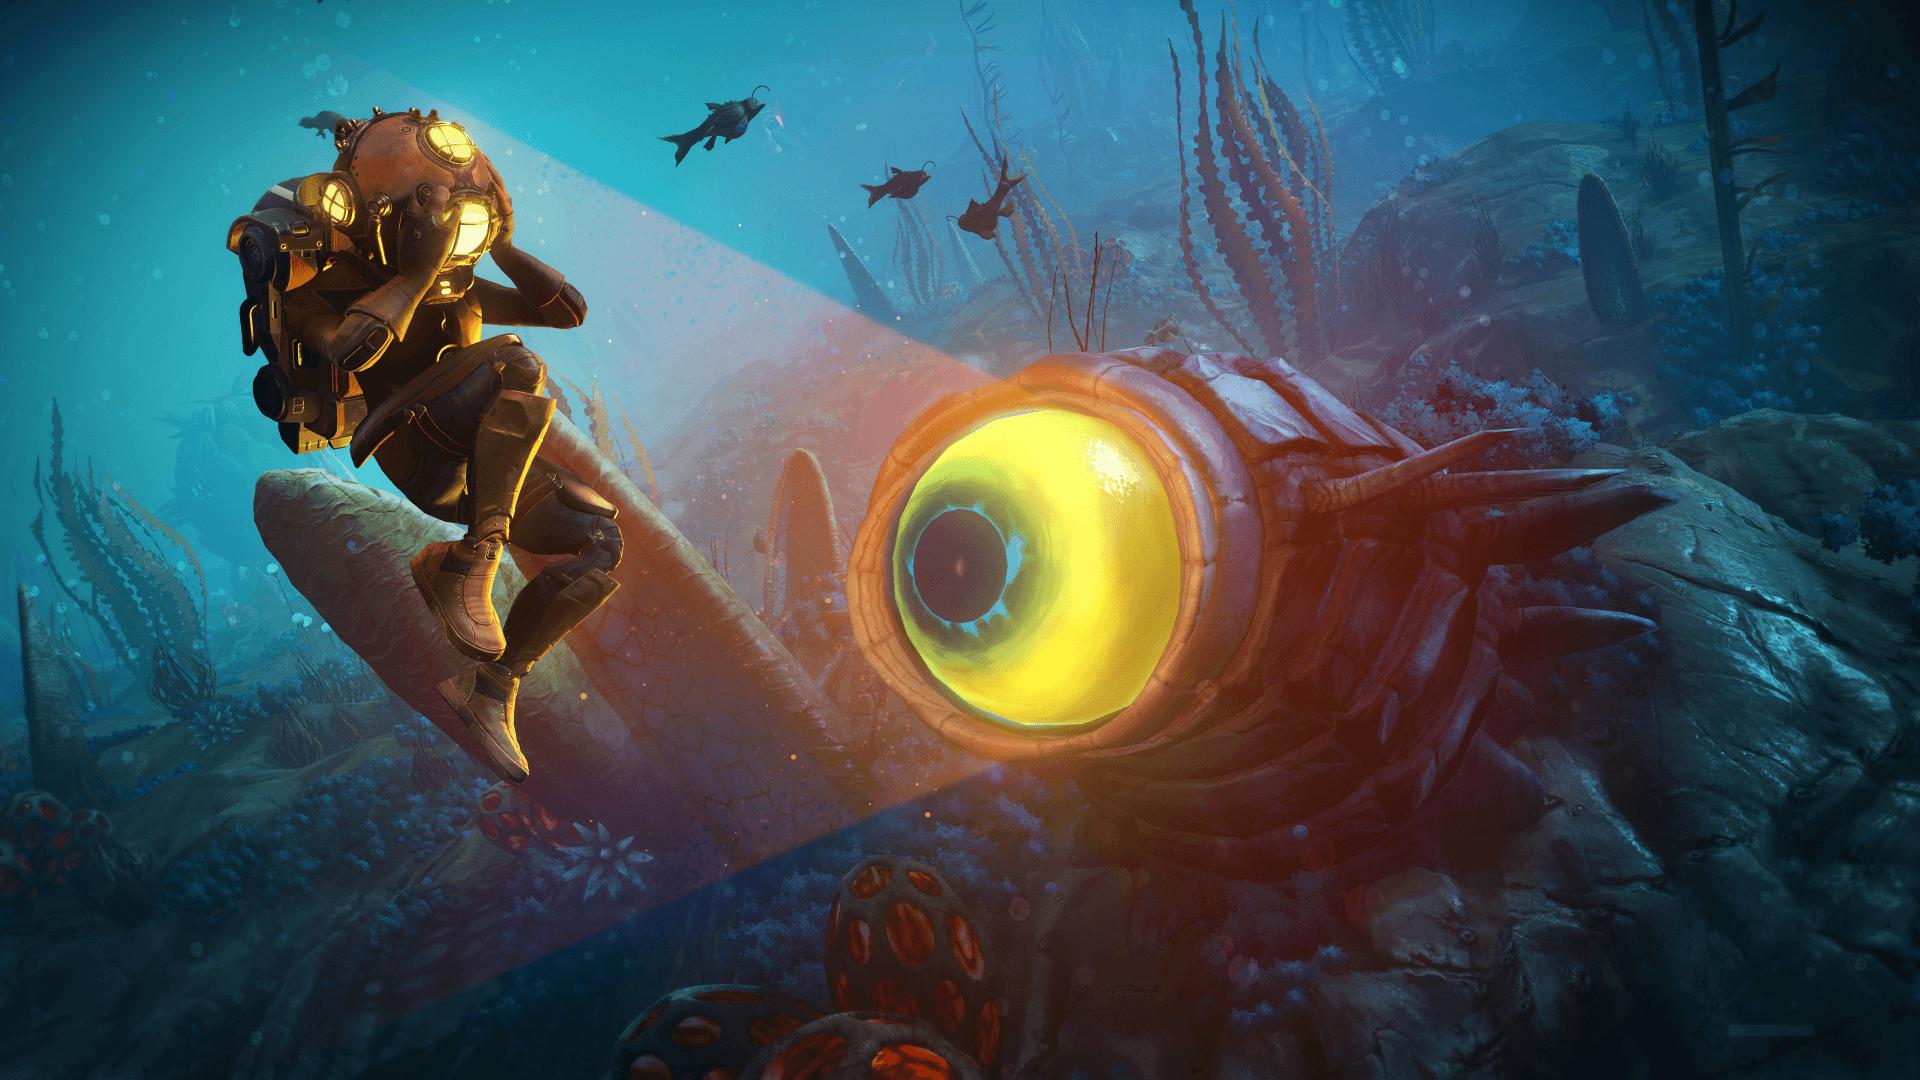 La actualización Abyss lleva a los jugadores a nuevas profundidades en No Man's Sky